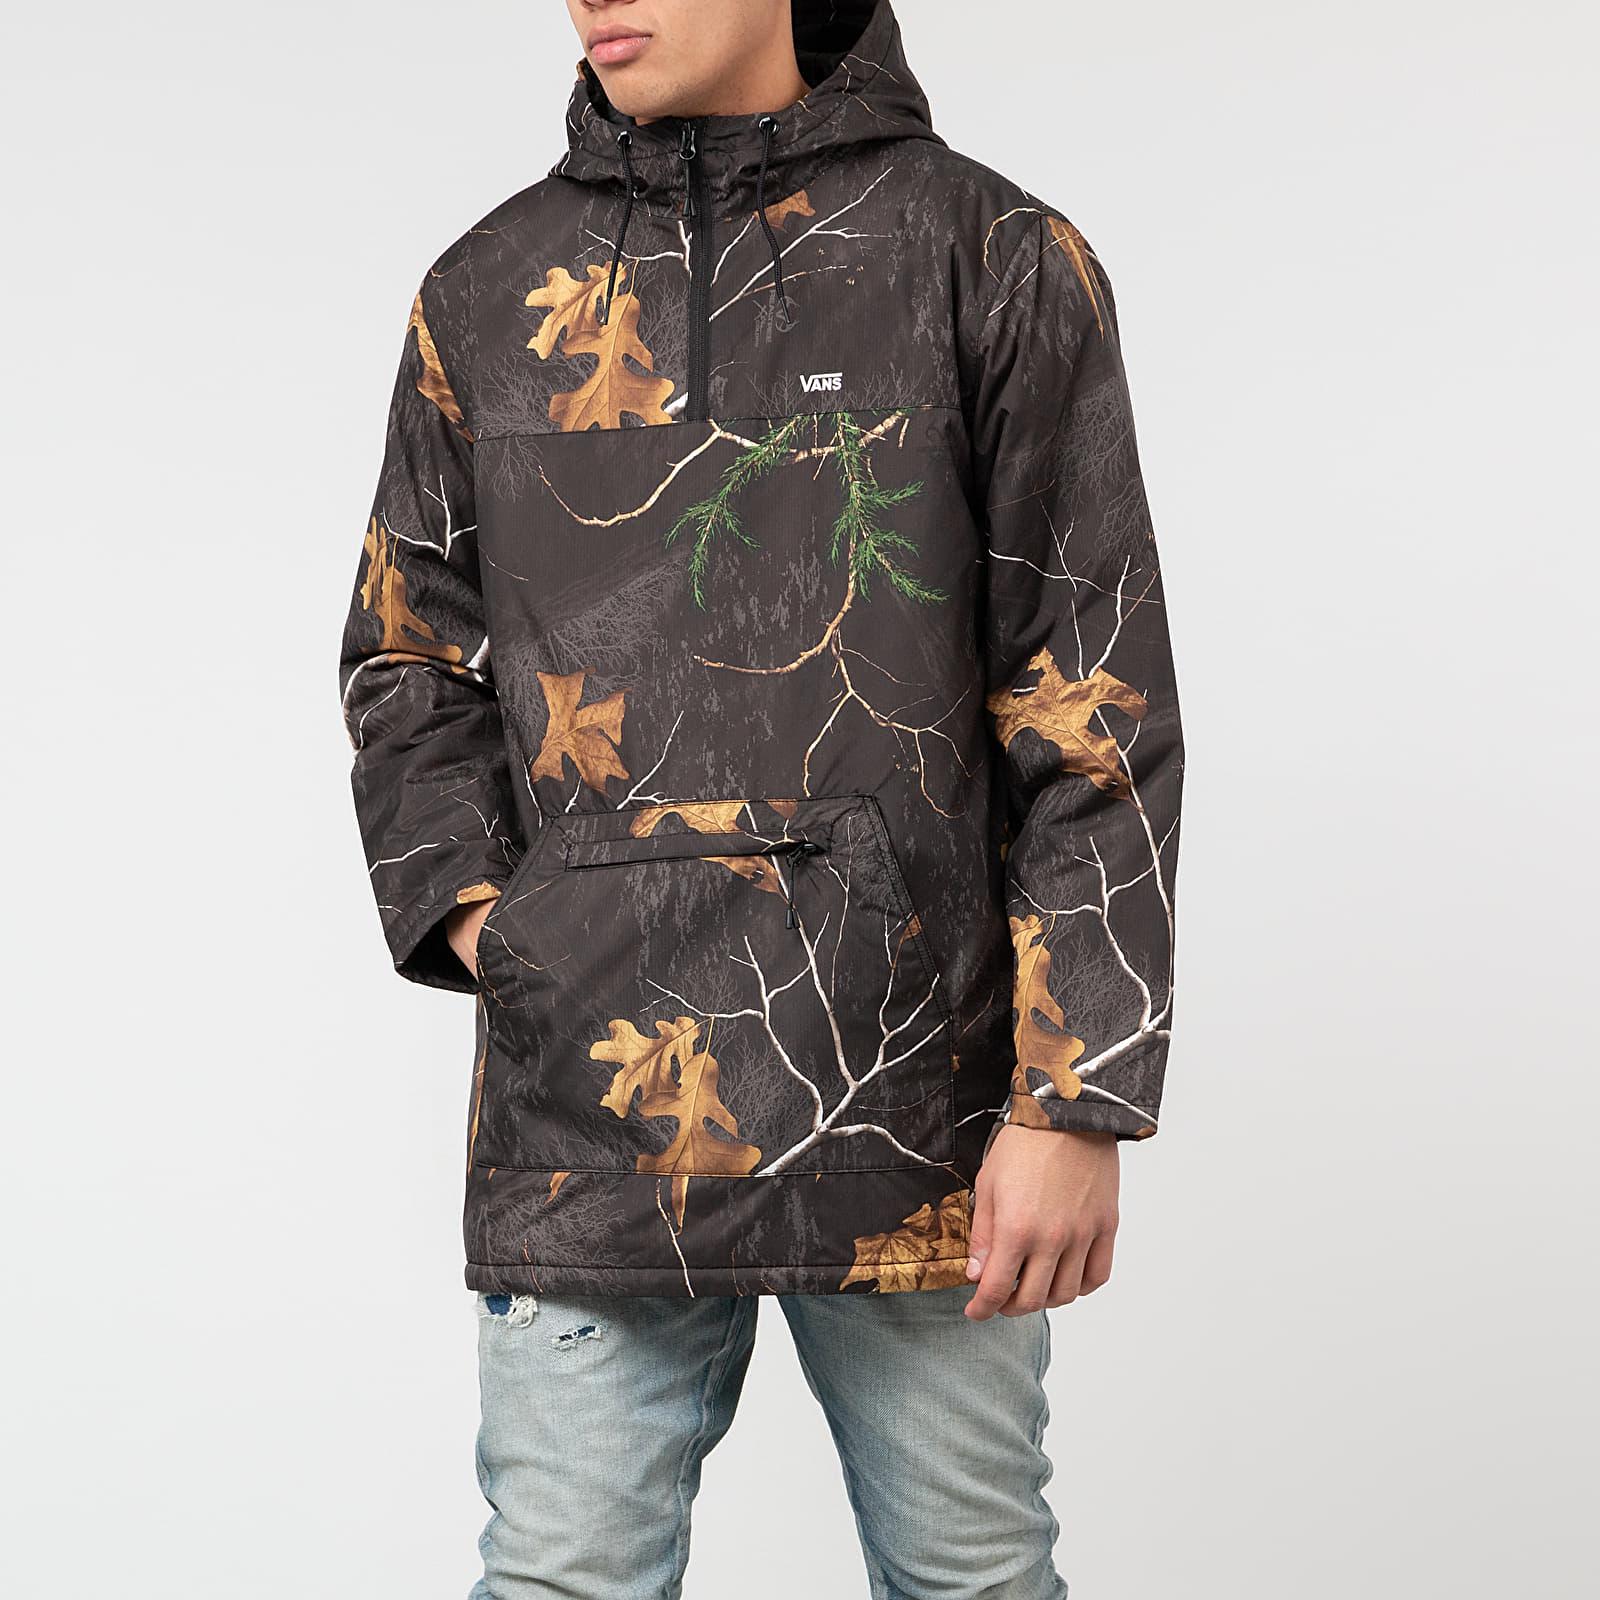 Vans x Realtree Xtra® Oakmont Anorak MTE Jacket